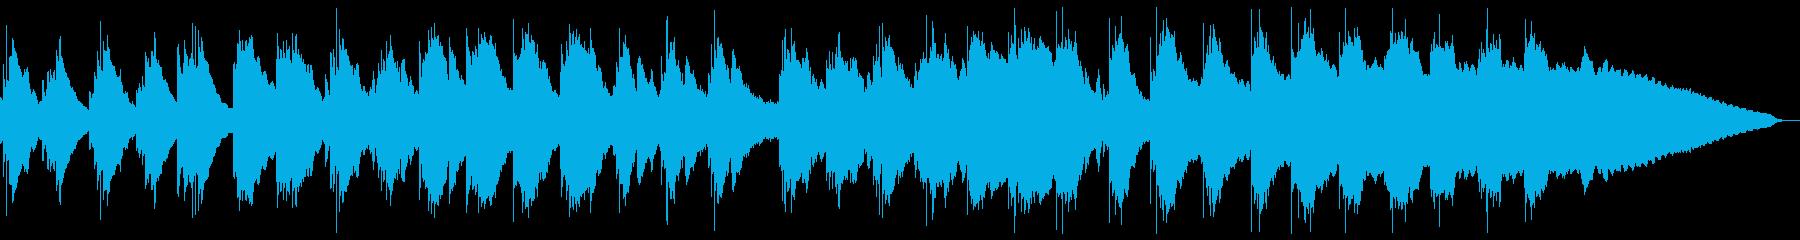 夏のアンビエント、ヒーリング、ガムラン風の再生済みの波形